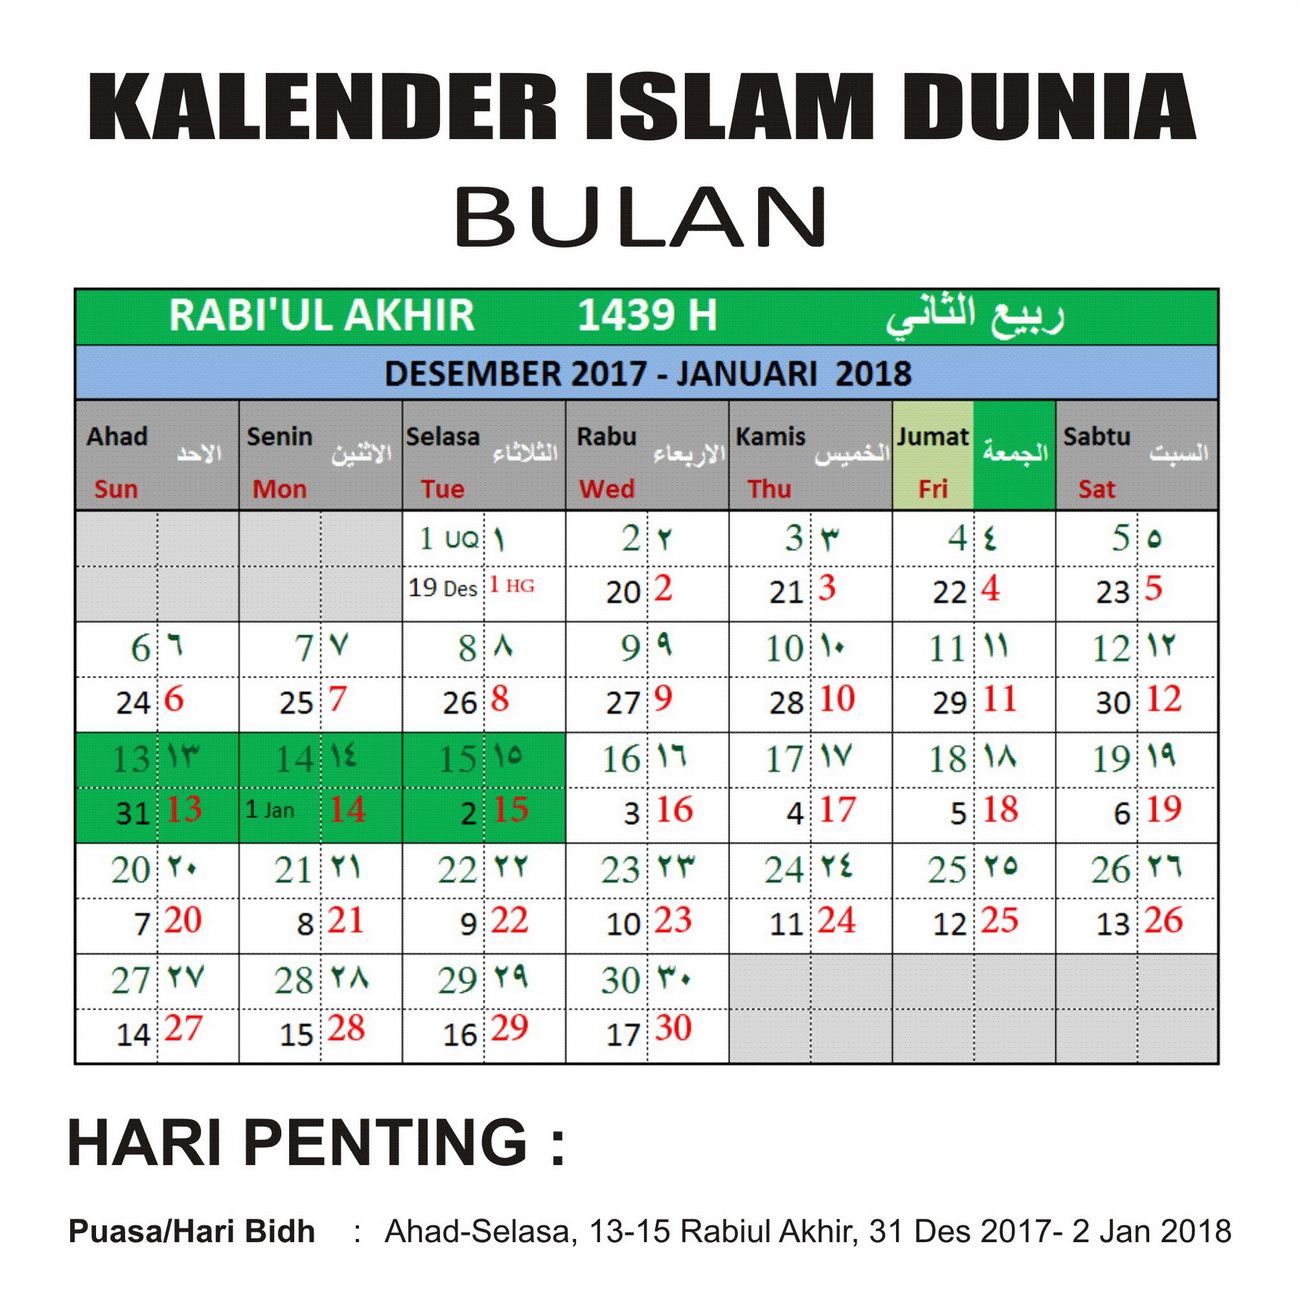 Kalendar Hijrah Islam 20 Julai 20 Bersamaan Dengan